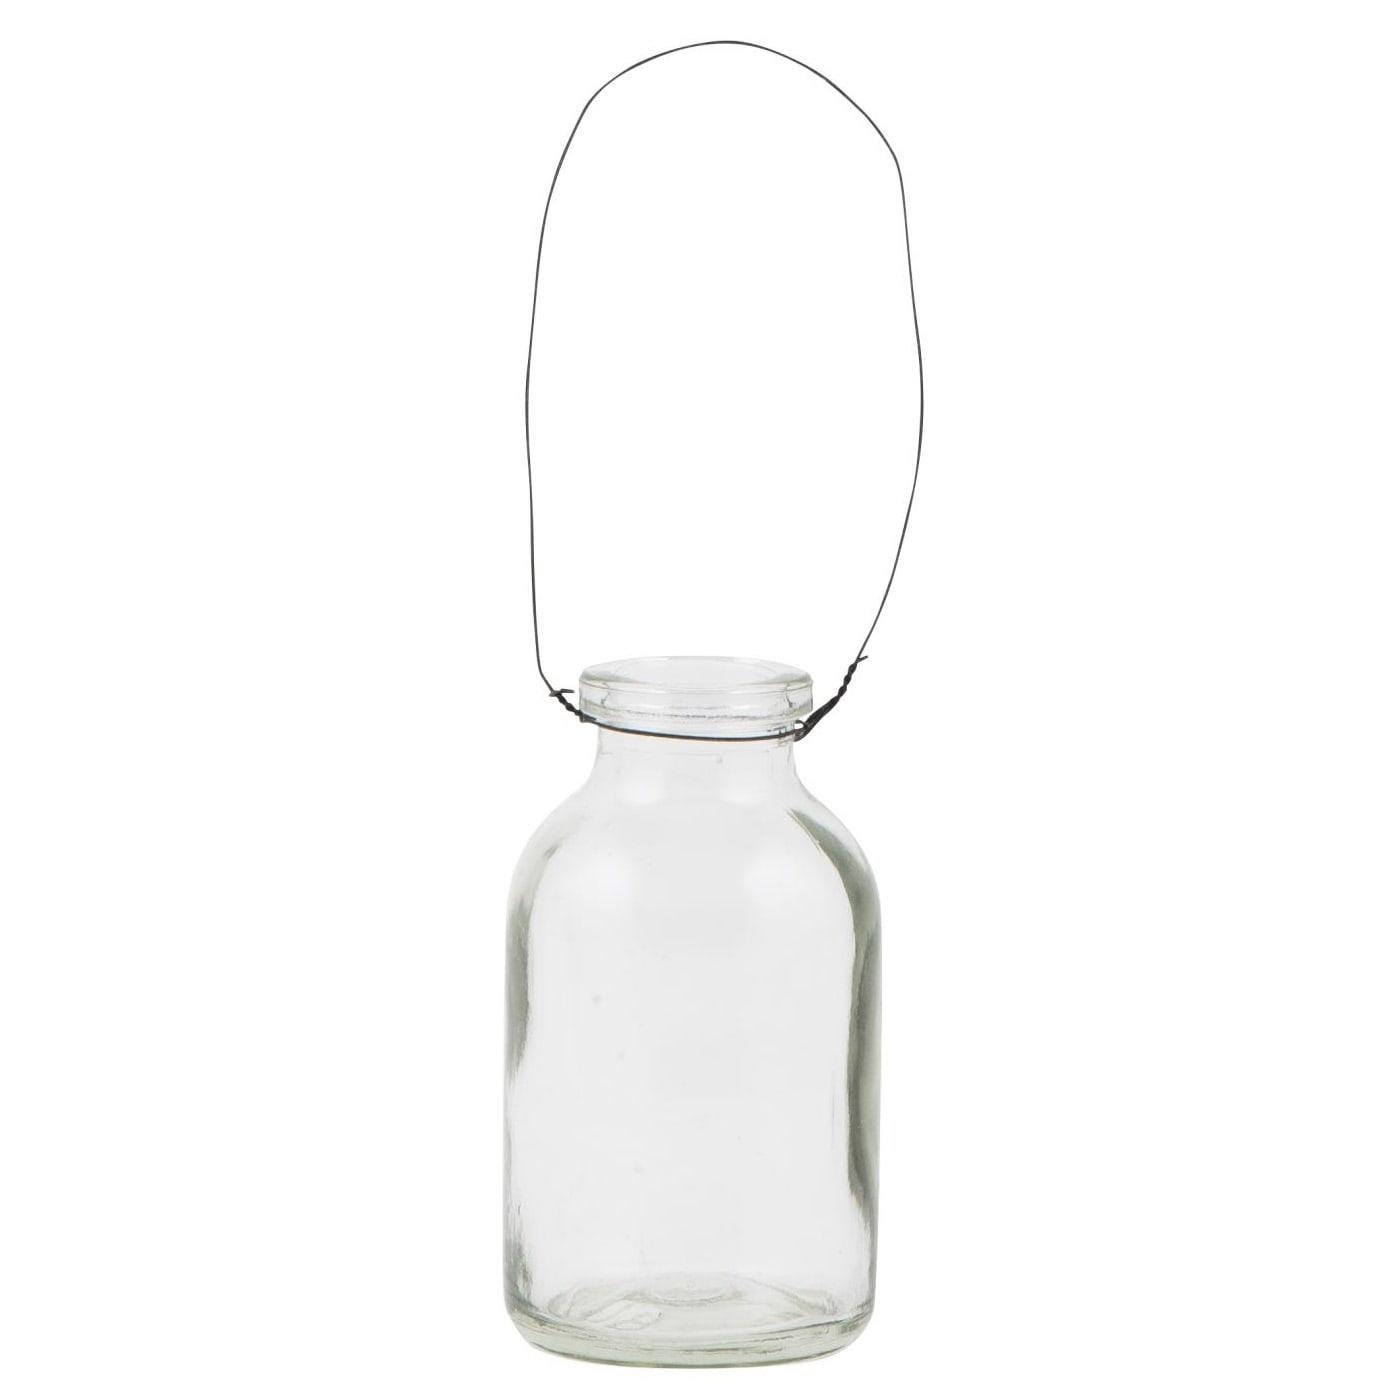 IB LAURSEN Mini lahvička 5 cm, čirá barva, sklo